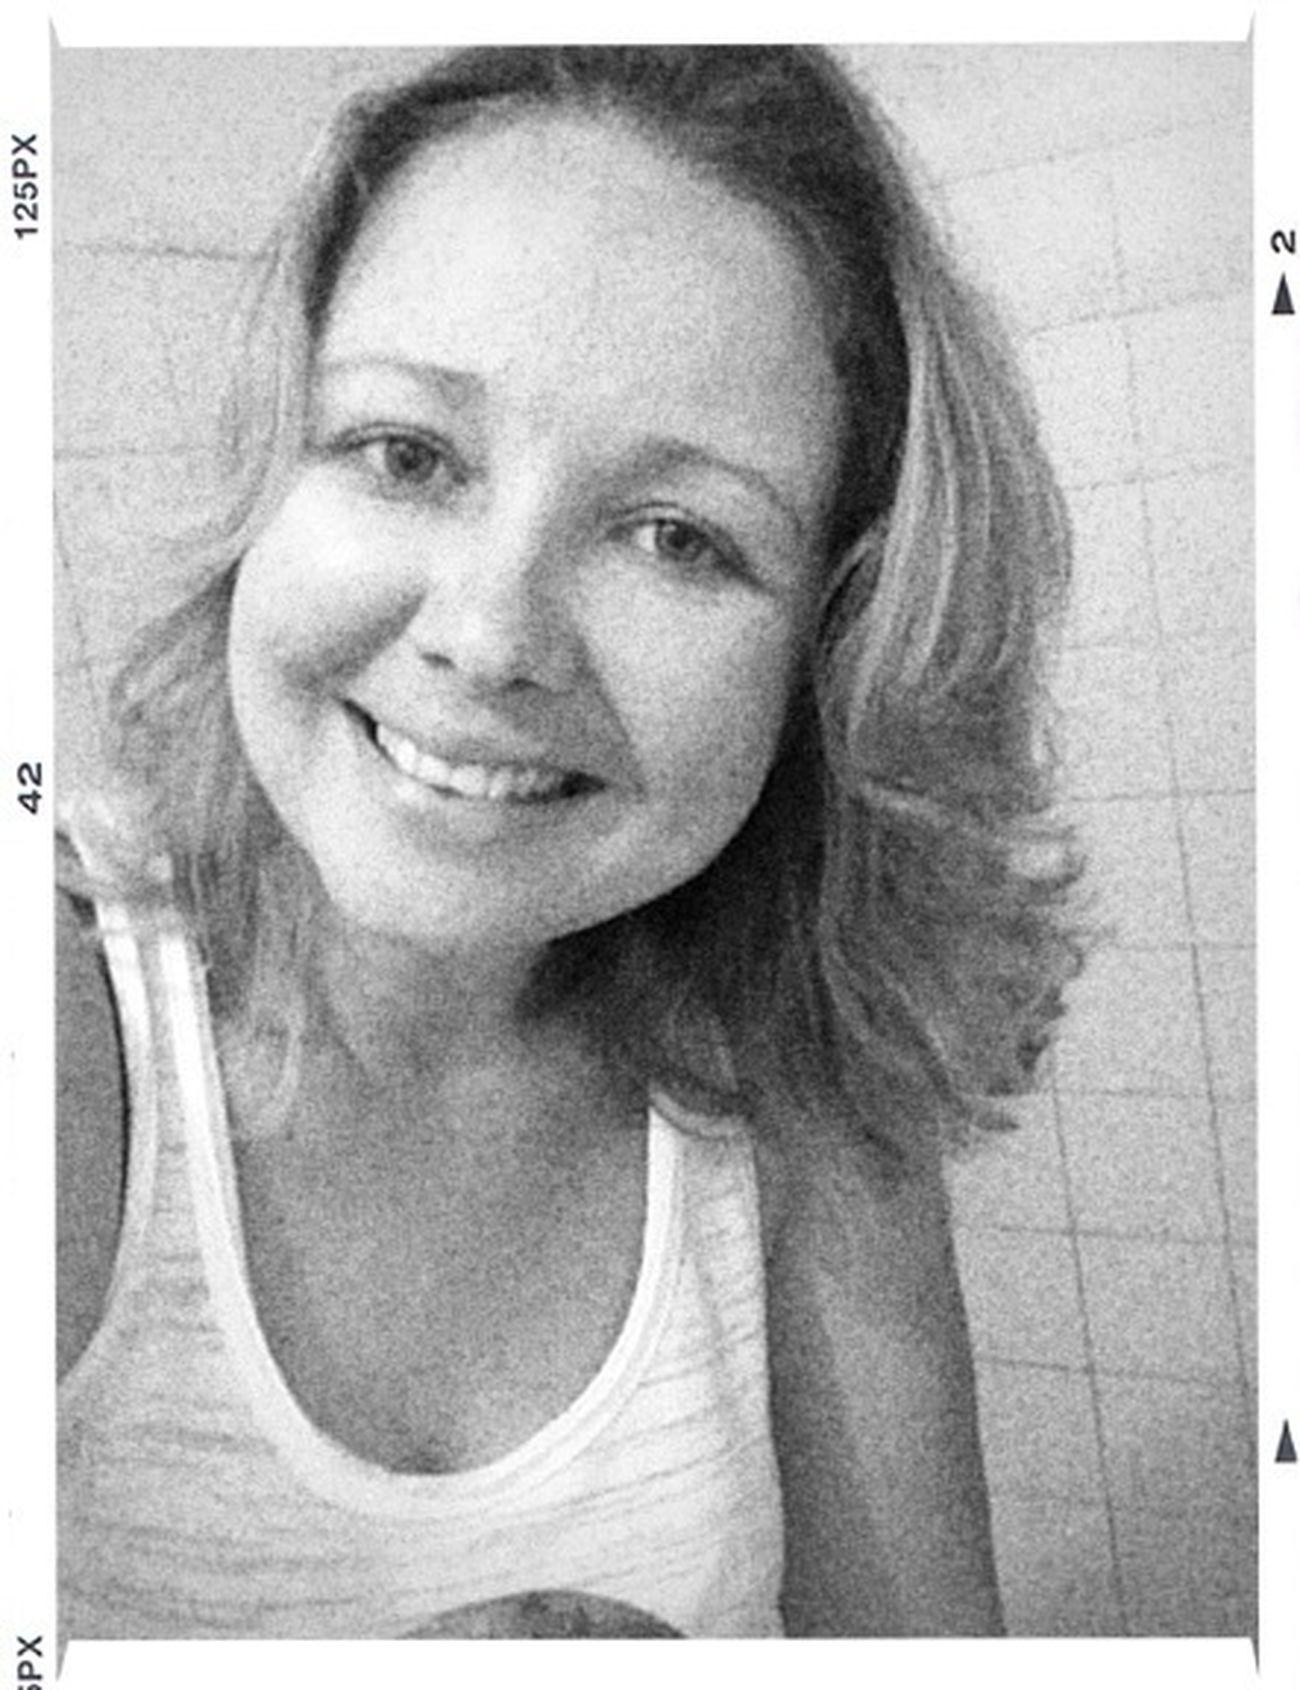 Blackandwhite Smile Selfportrait Show Me Your Smile